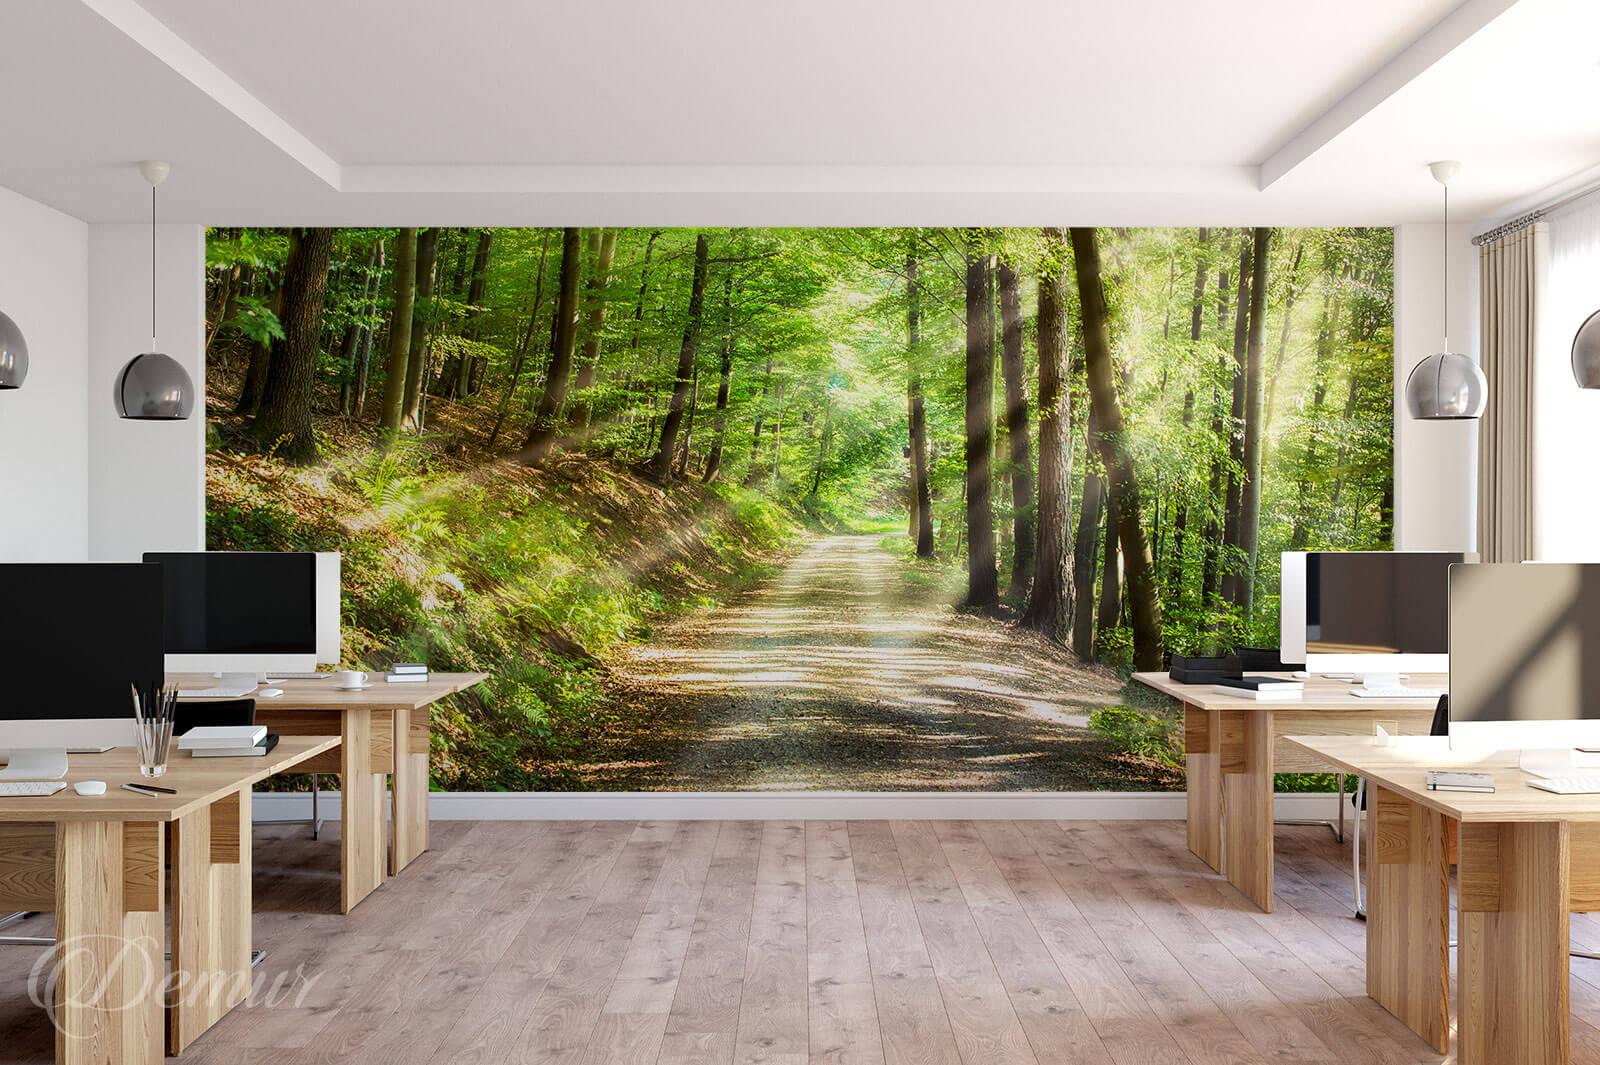 Fototapeta W leśnych ostępach - Fototapety z motywem drogi - Demur